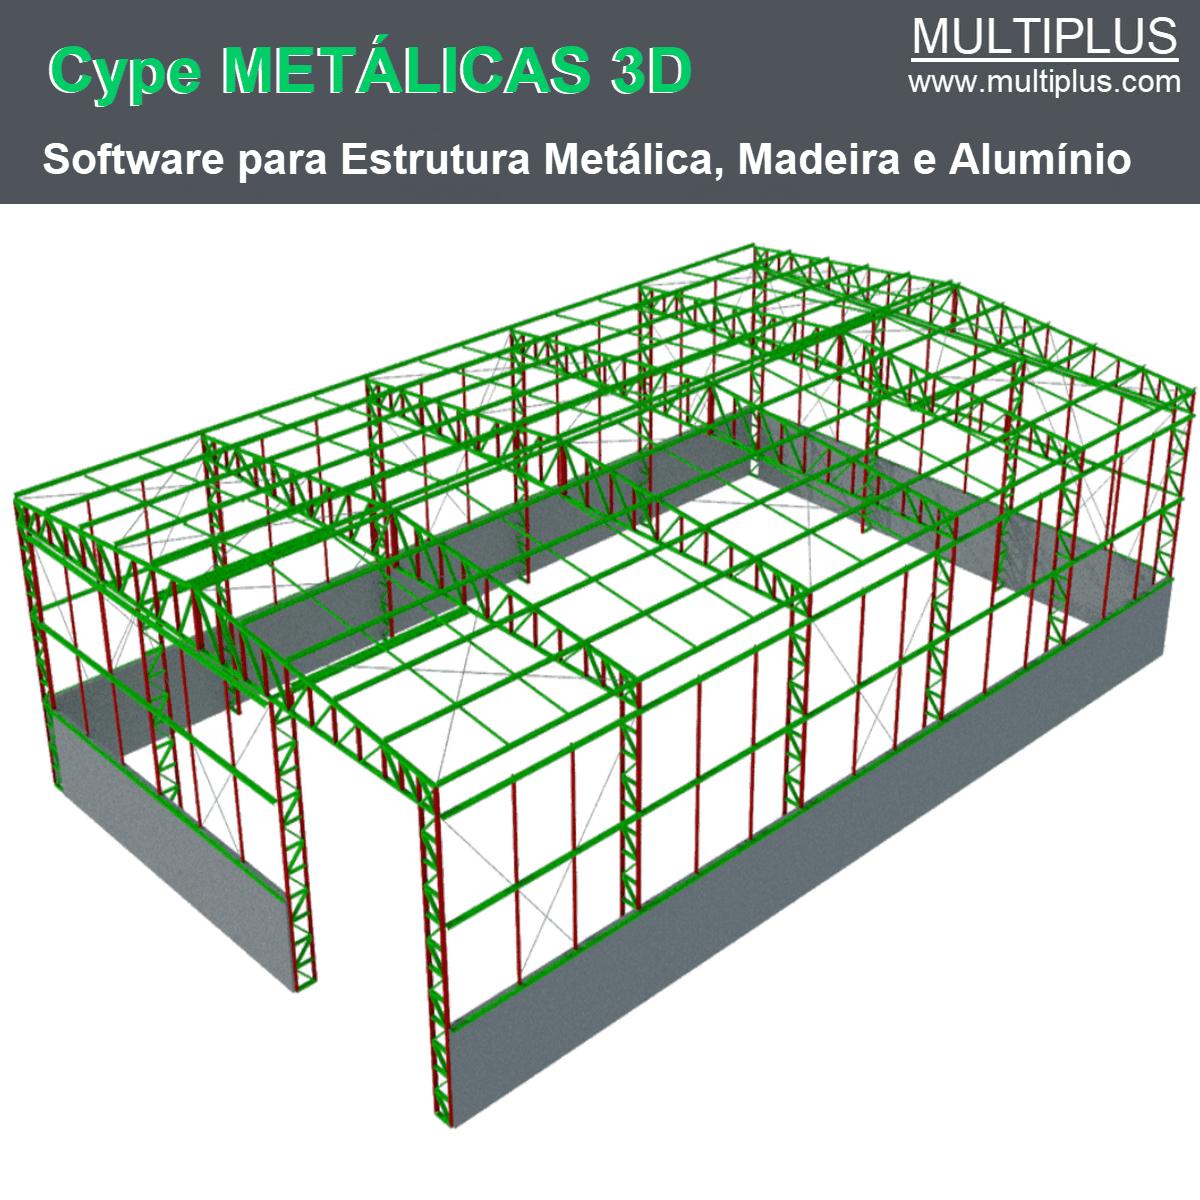 """Software Metálicas 3D MT37 versão 2021 (Licença Eletrônica) incluindo a modulação descrita em """"Itens Inclusos"""" a seguir  - MULTIPLUS SOFTWARES"""